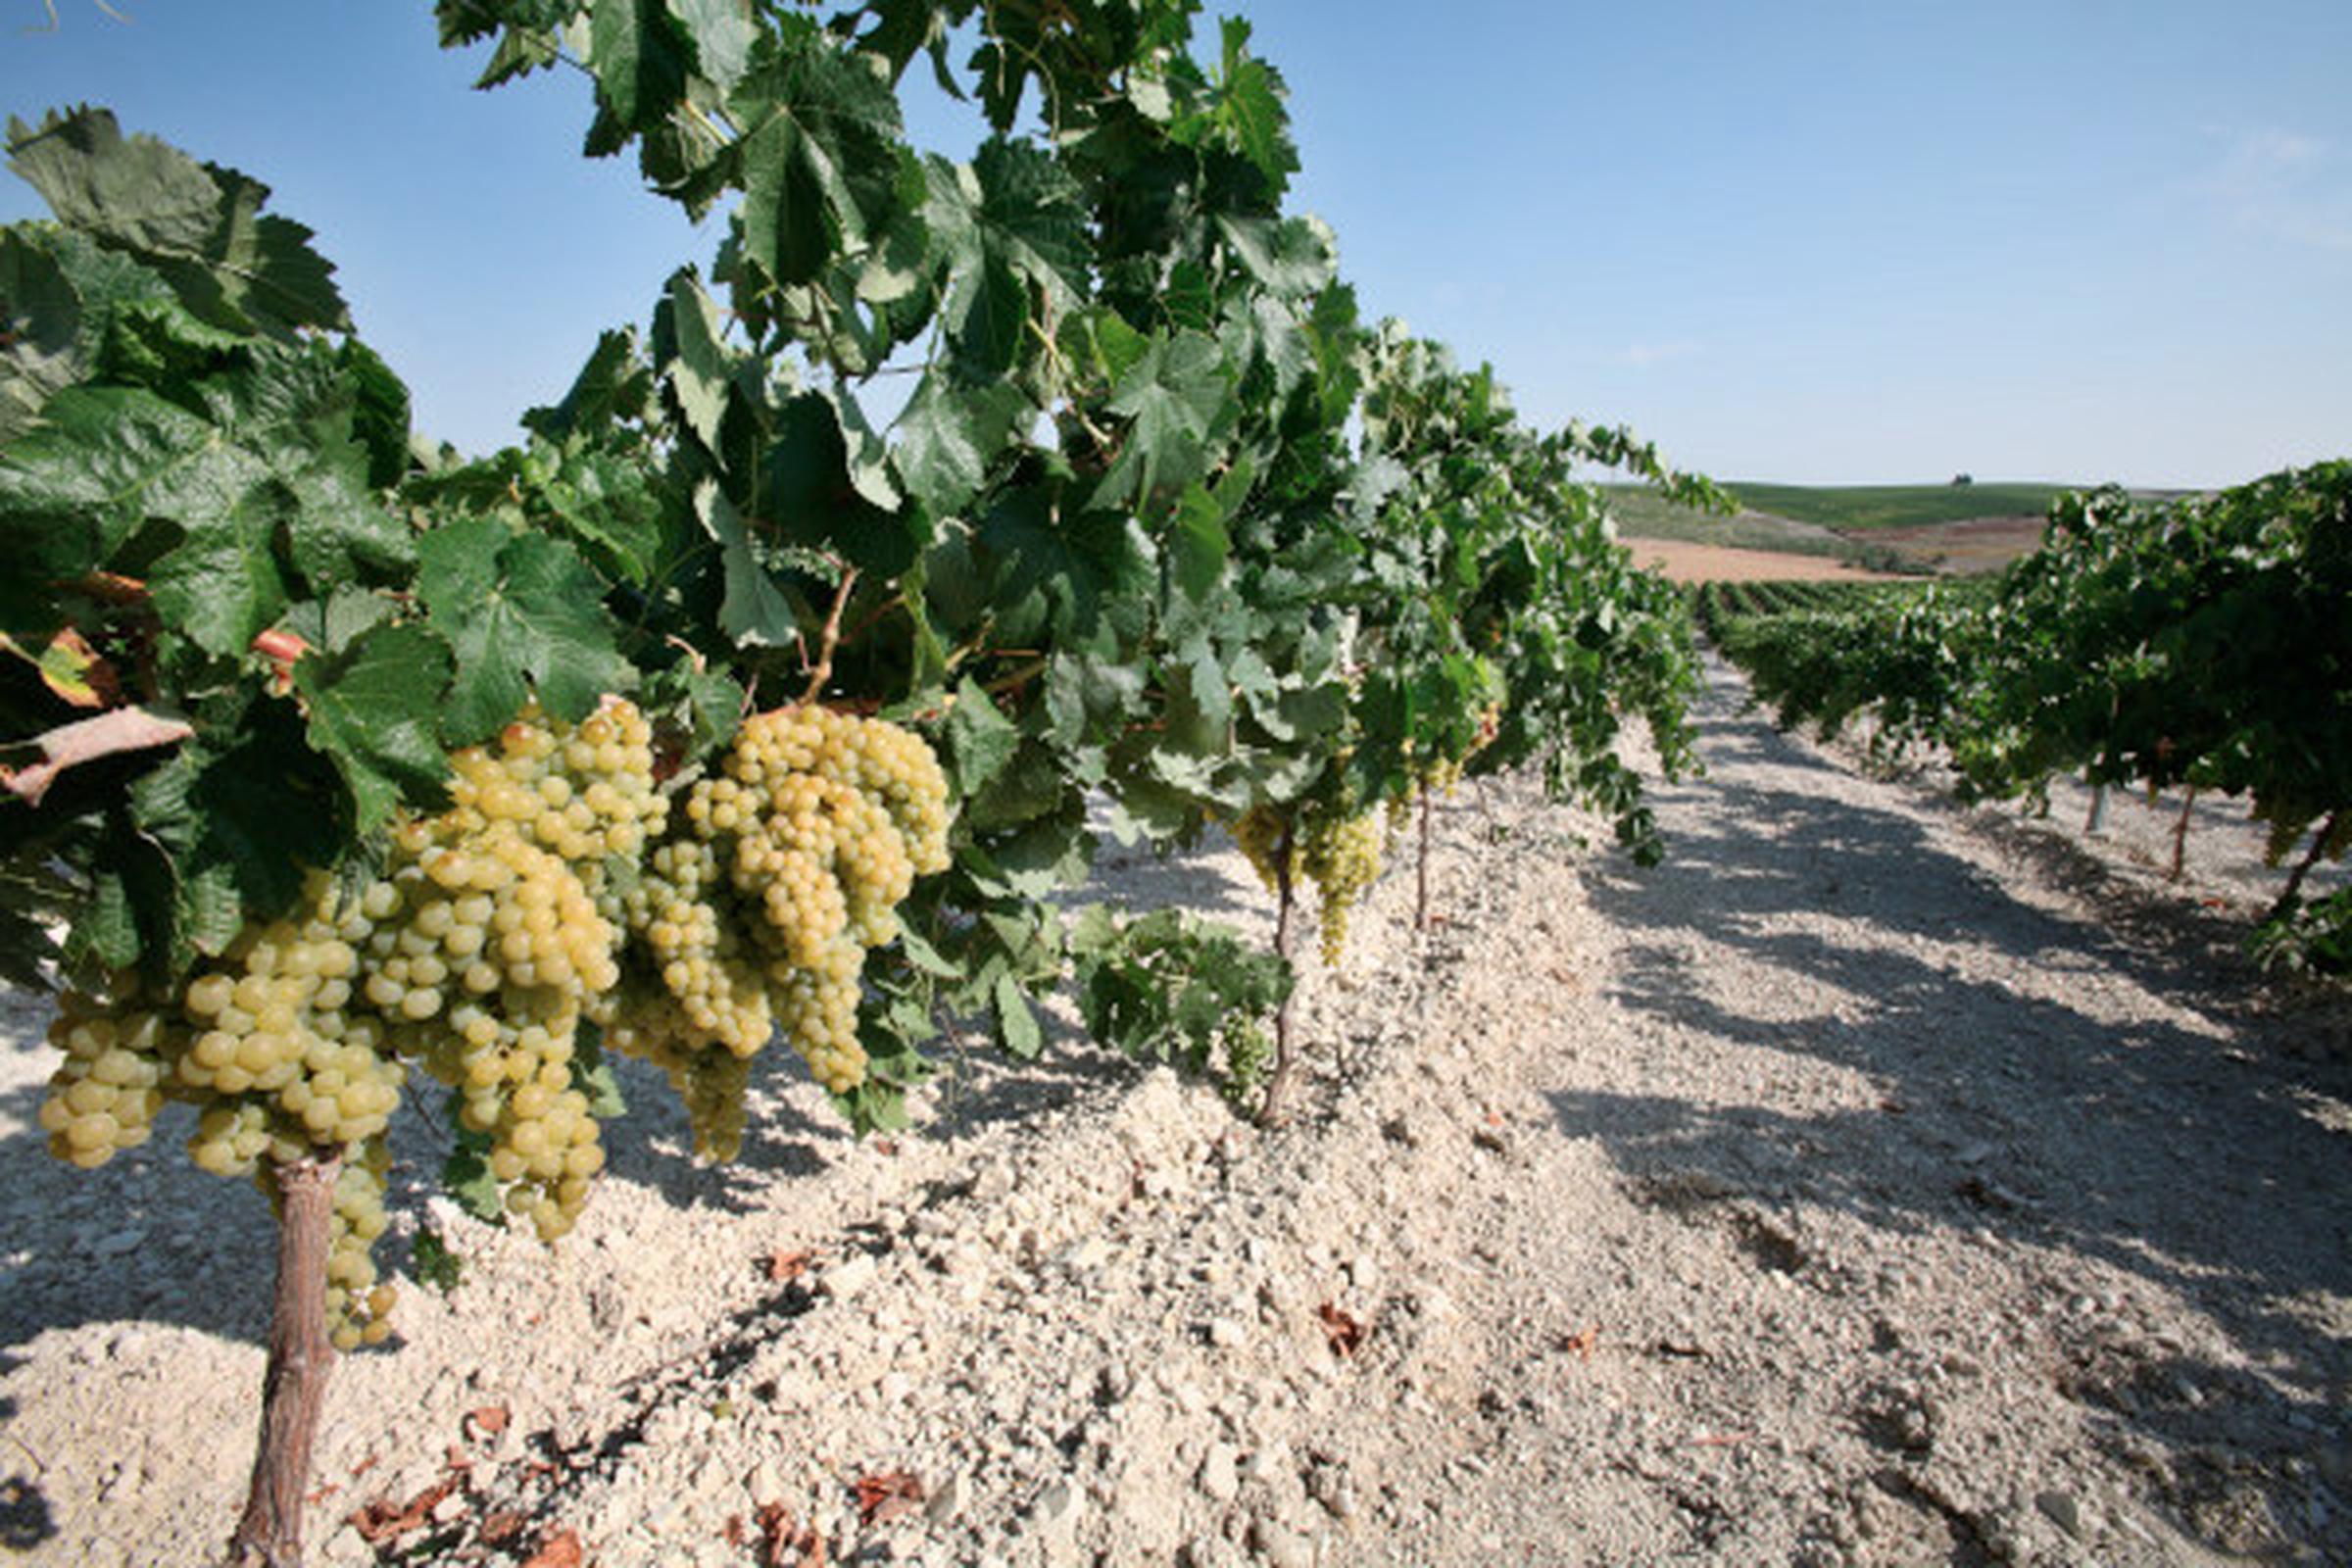 https://a.storyblok.com/f/105614/600x400/6c9507c255/jerez-wines.jpeg